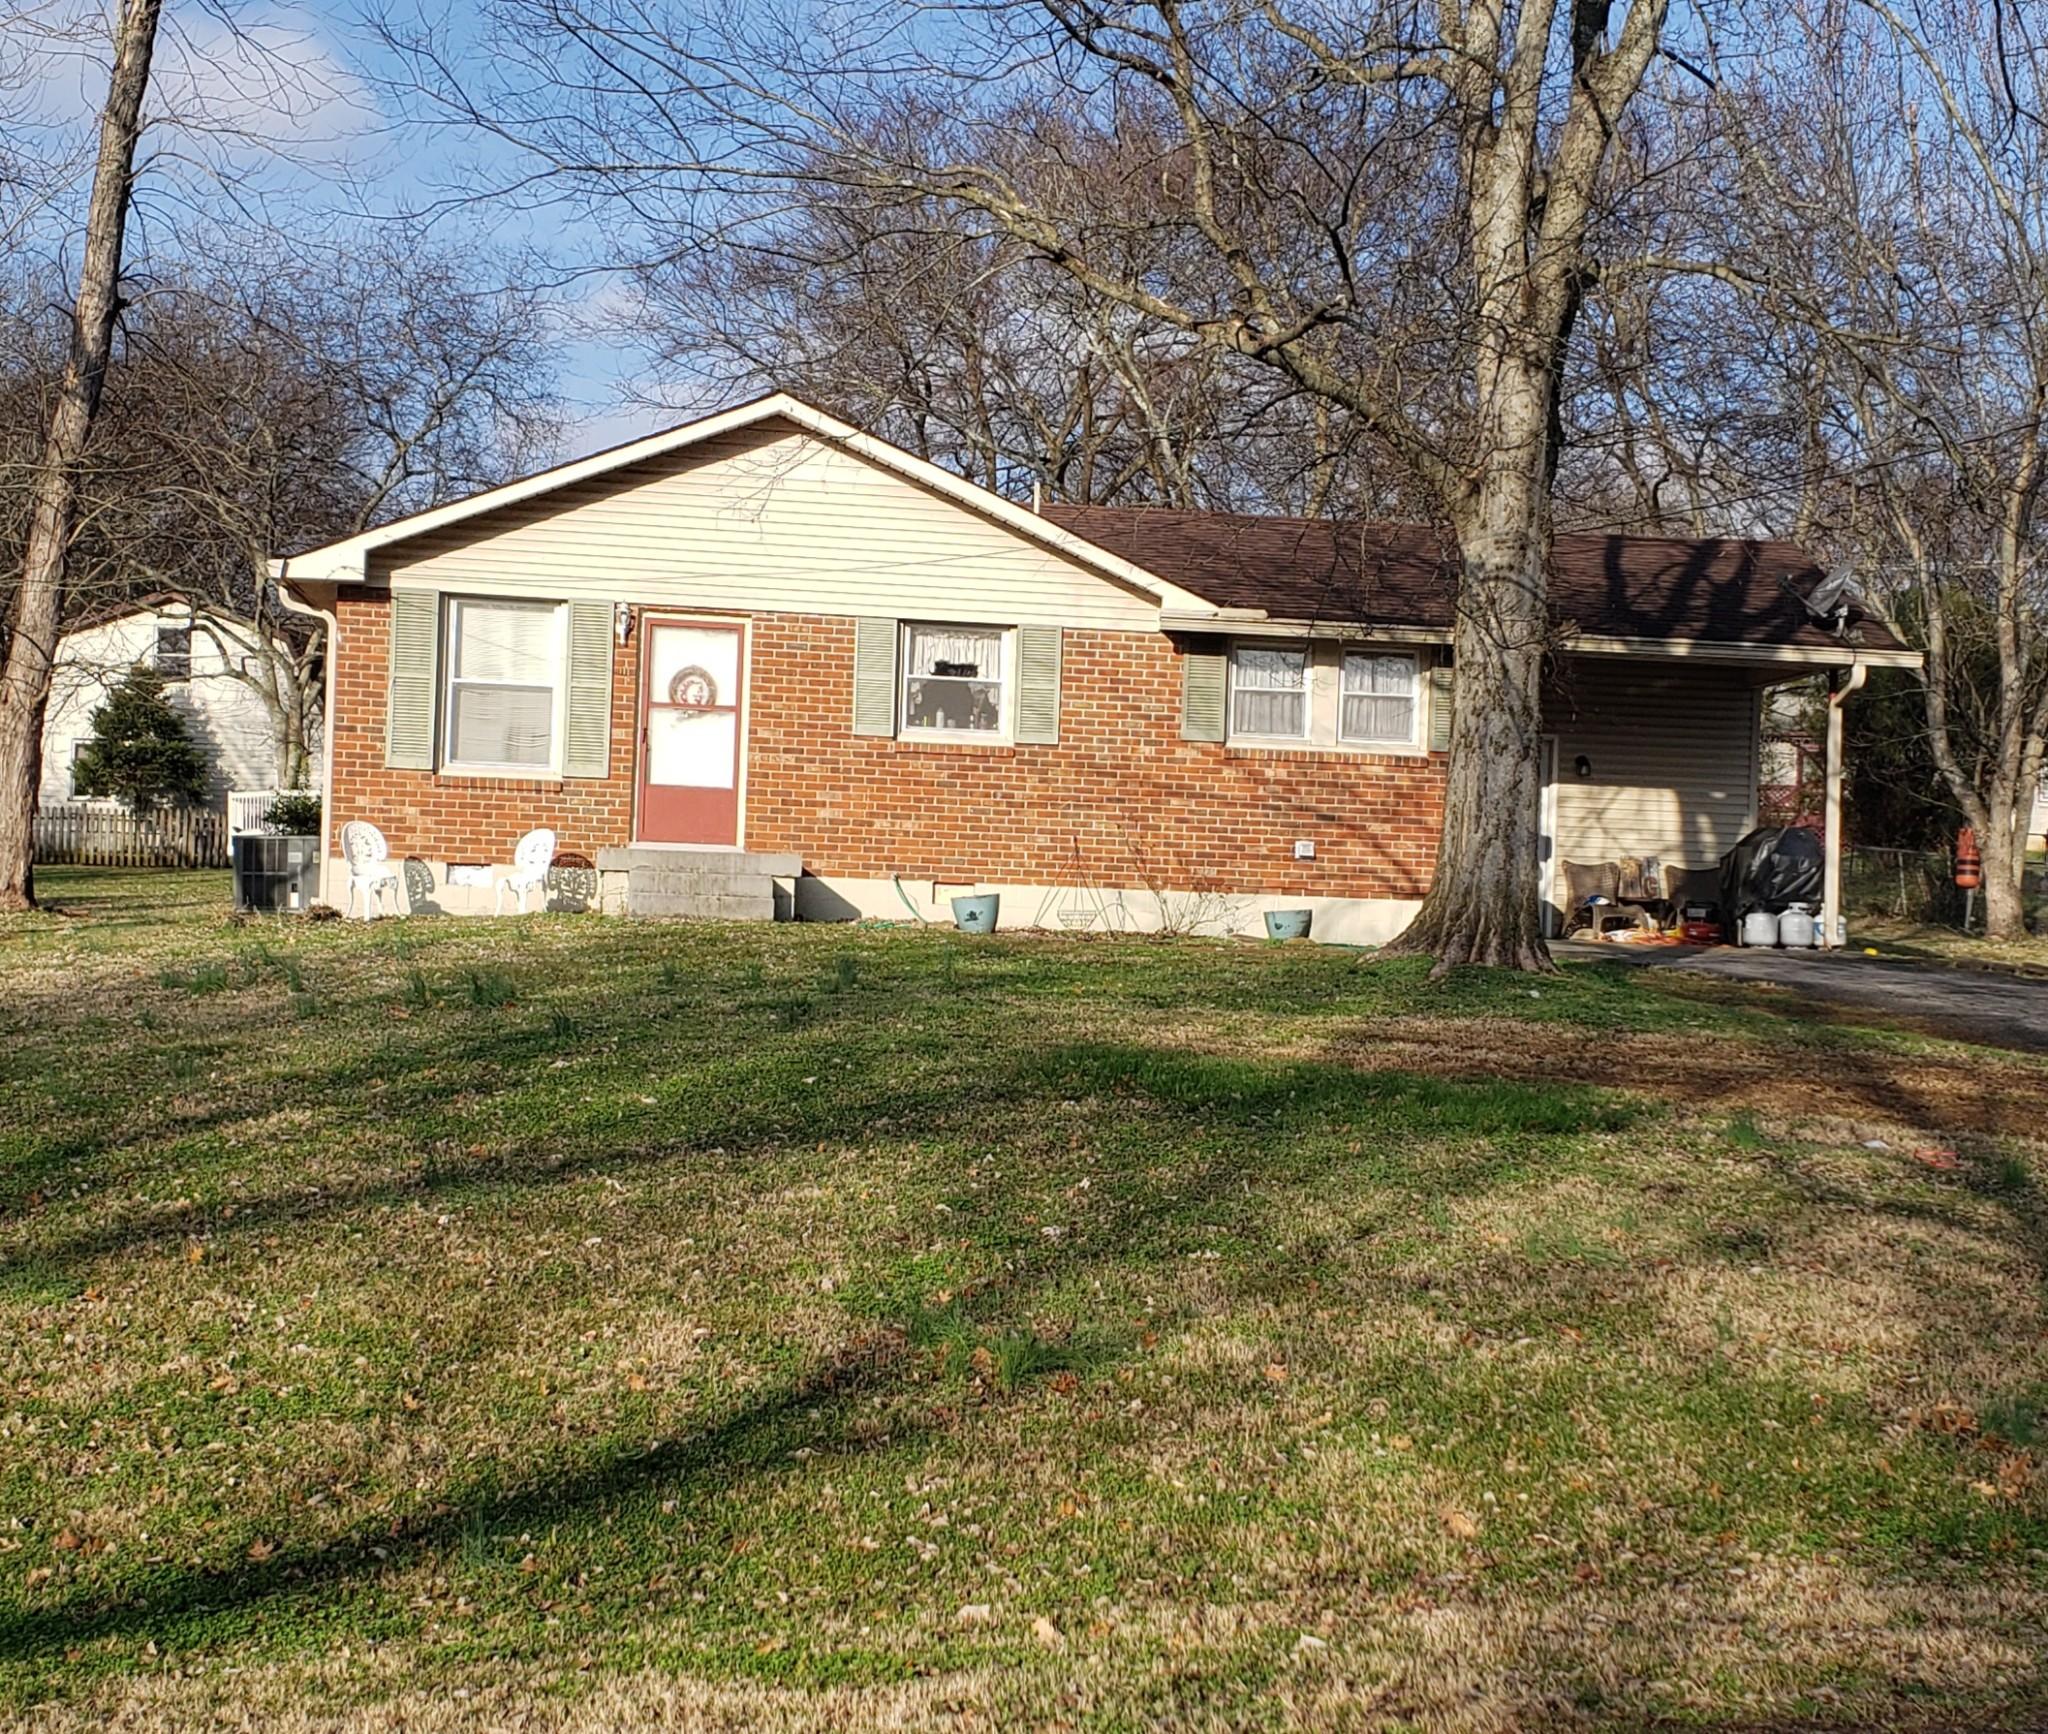 111 Lynn Dr, Hendersonville, TN 37075 - Hendersonville, TN real estate listing